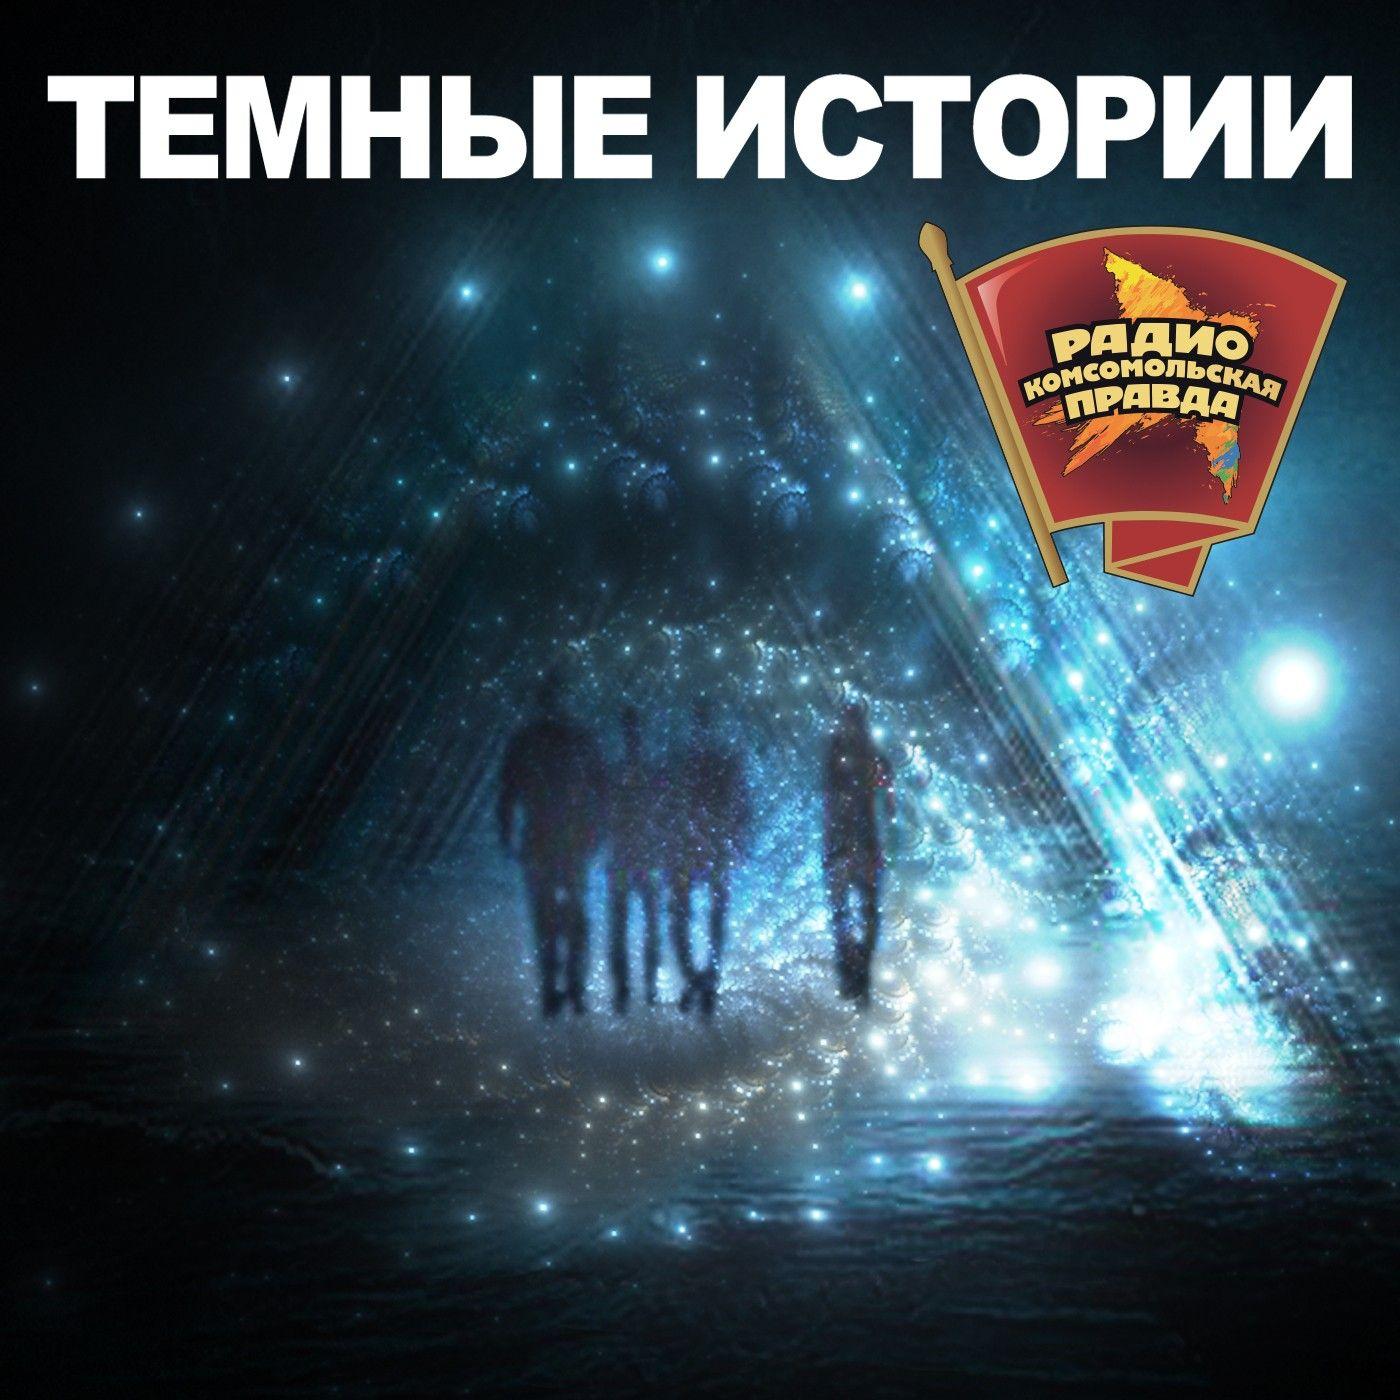 Радио «Комсомольская правда» Куда пропали документы об обнаружении Ноева ковчега